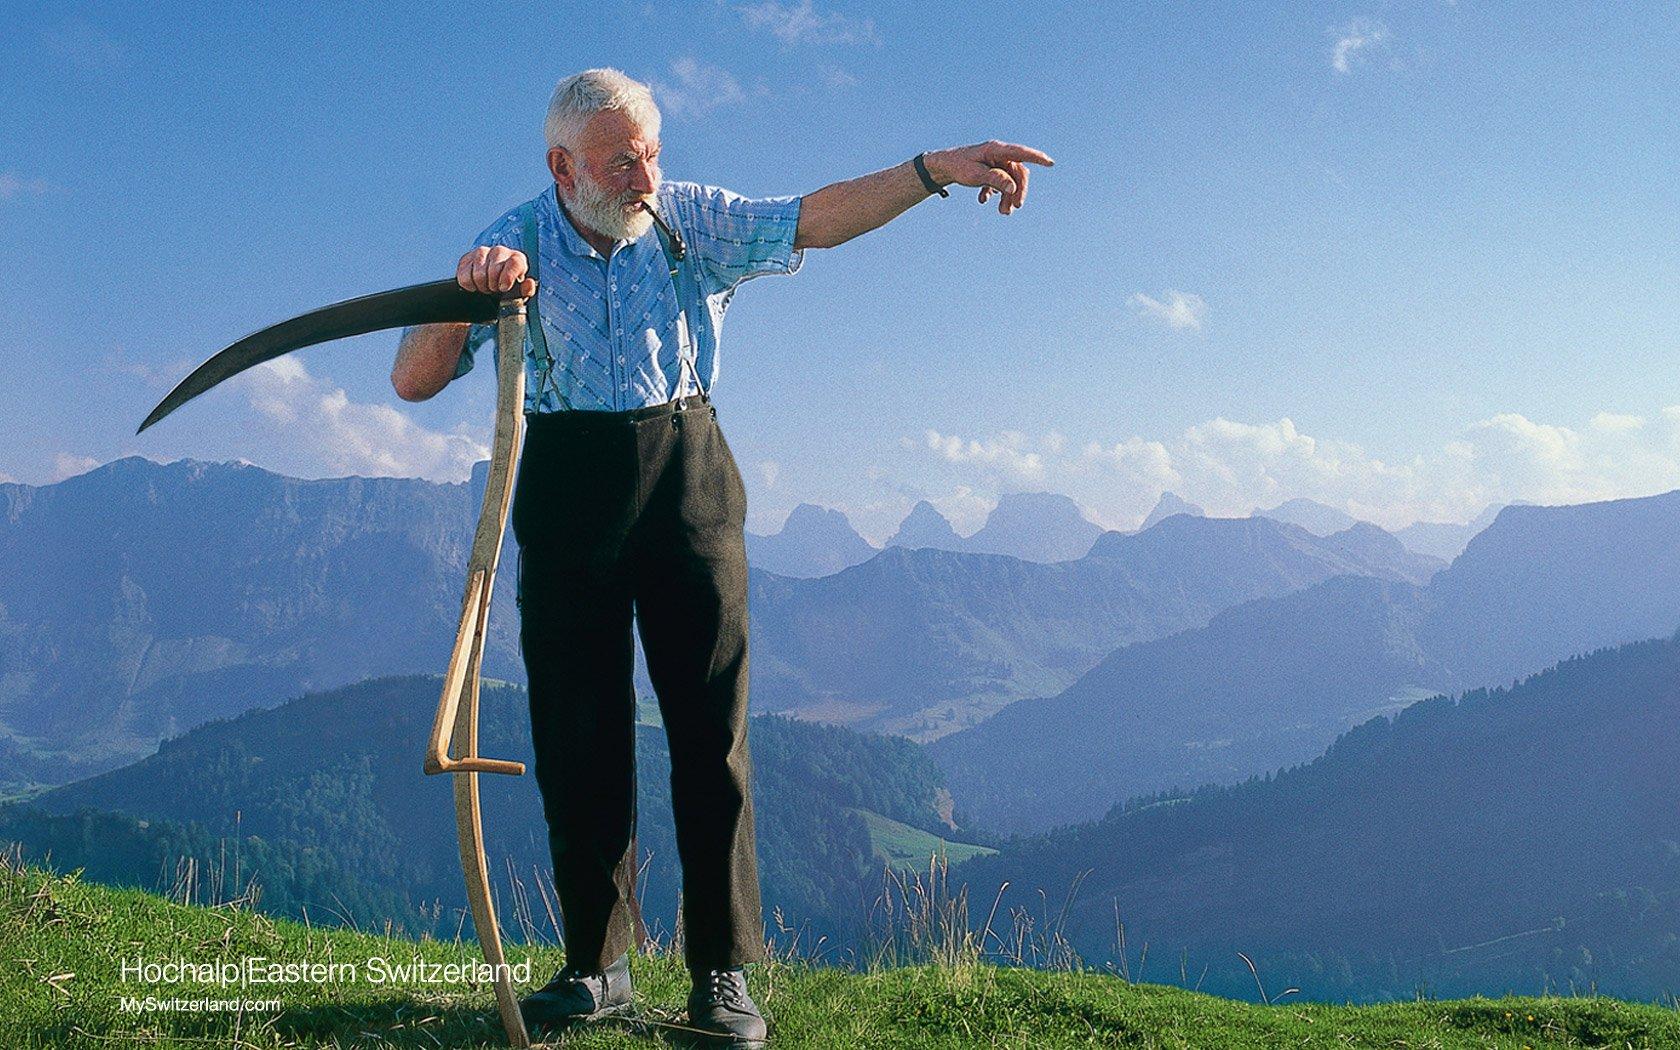 壁纸 瑞士/世界公园瑞士夏季旅游名胜Hochalp Eastern Switzerland 森蒂斯...